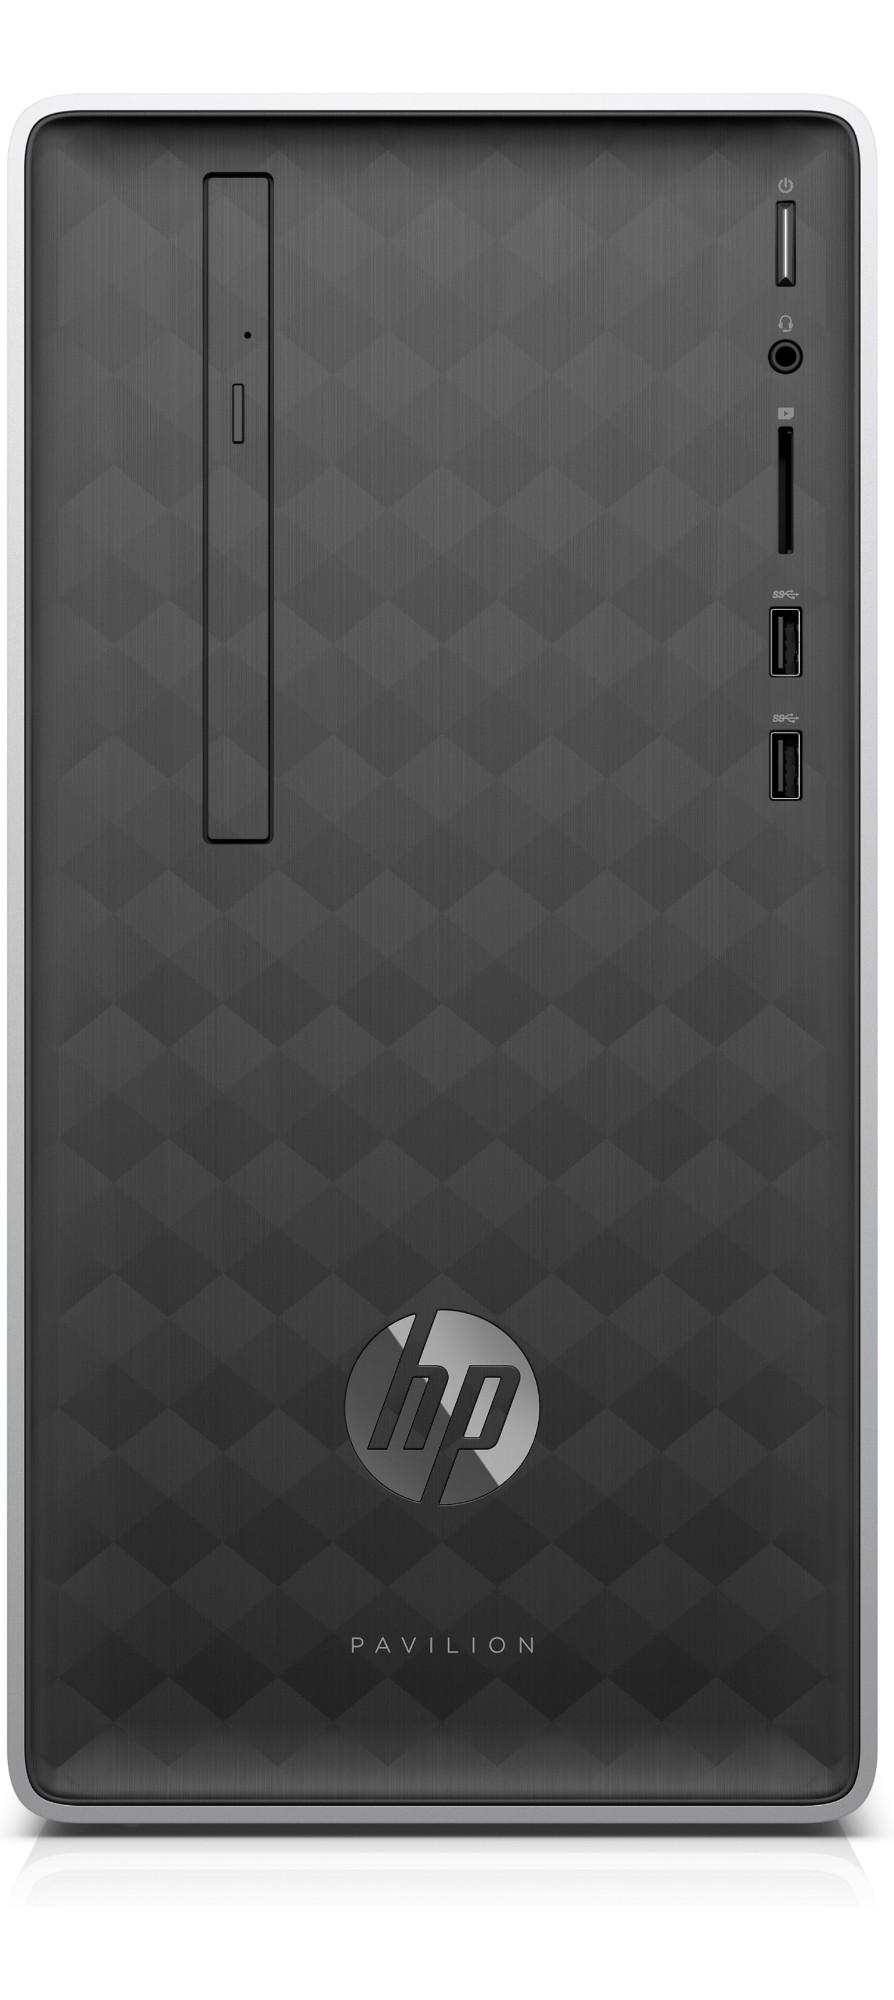 Pavilion 590-a0008na - E2-9000 - 4GB RAM - 1TB HDD - Win10 Home